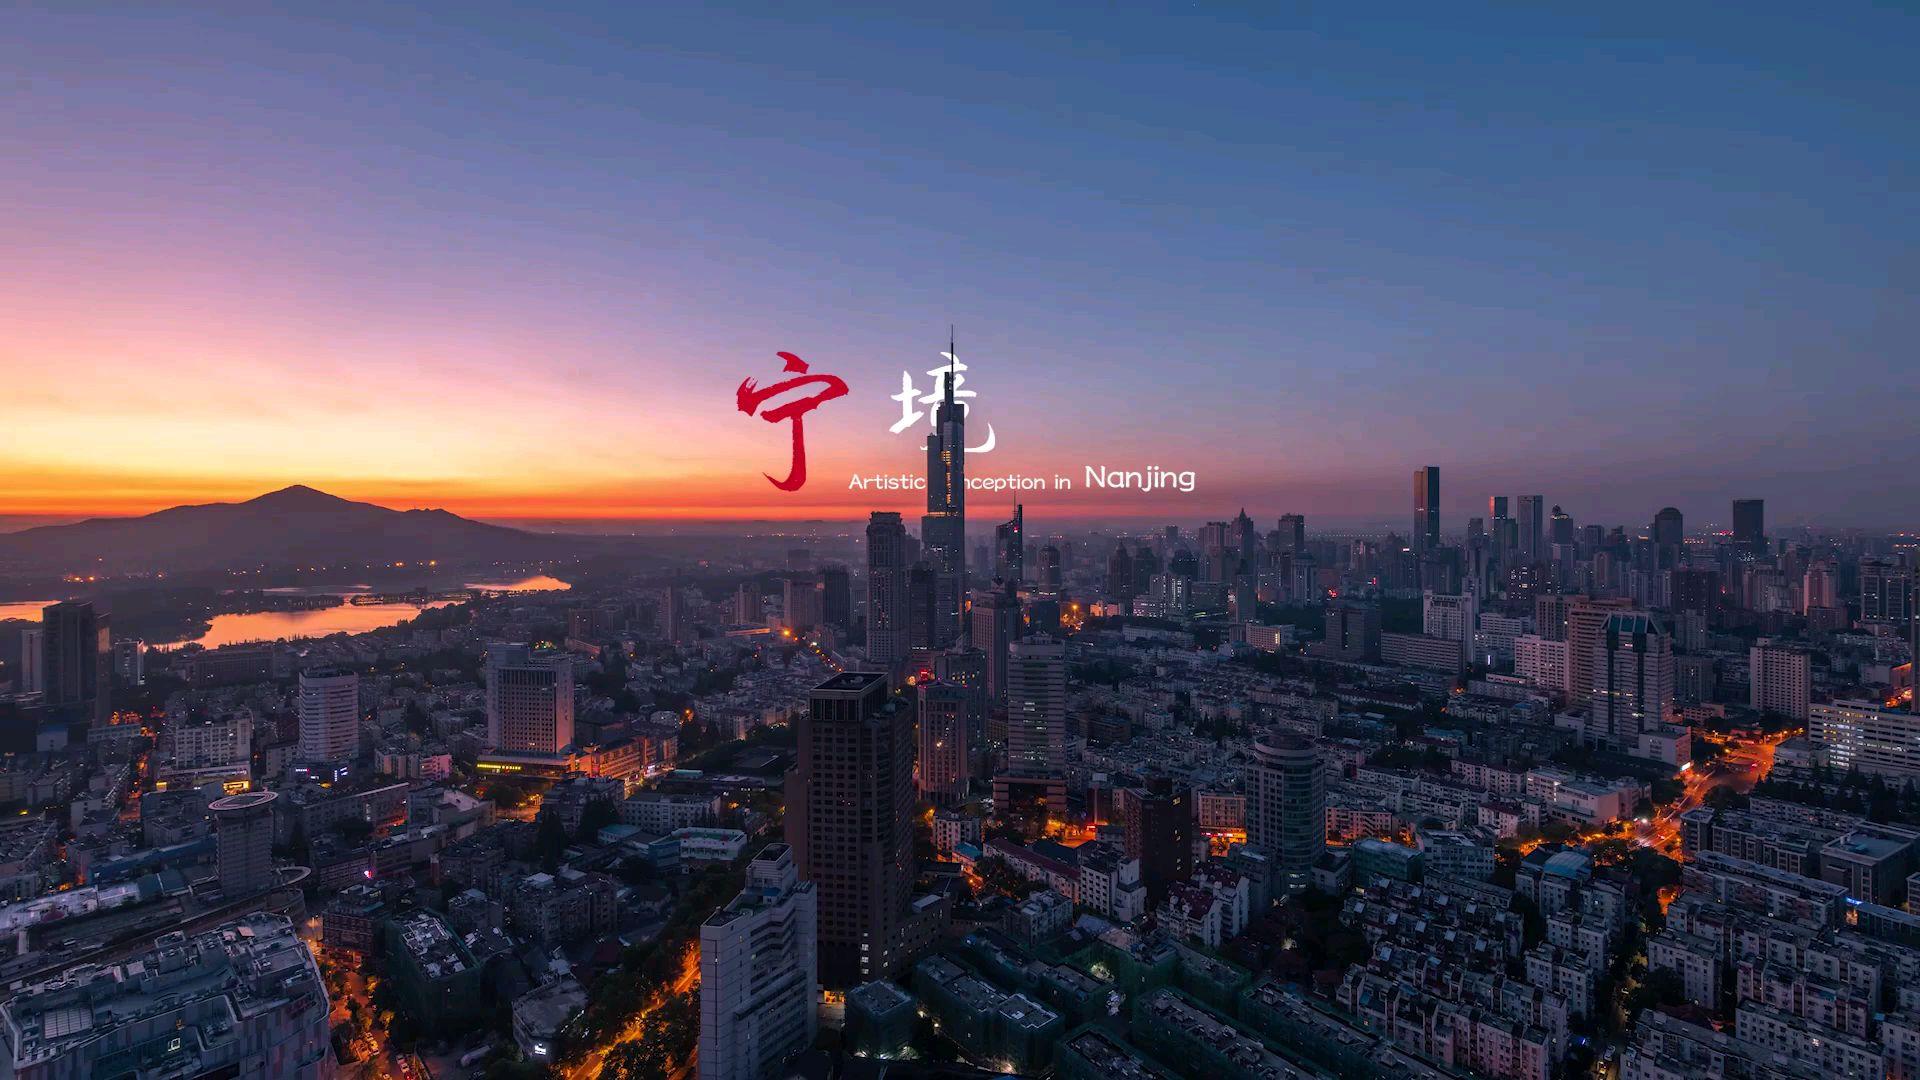 《宁境致远》南京2020城市形象全球宣传片